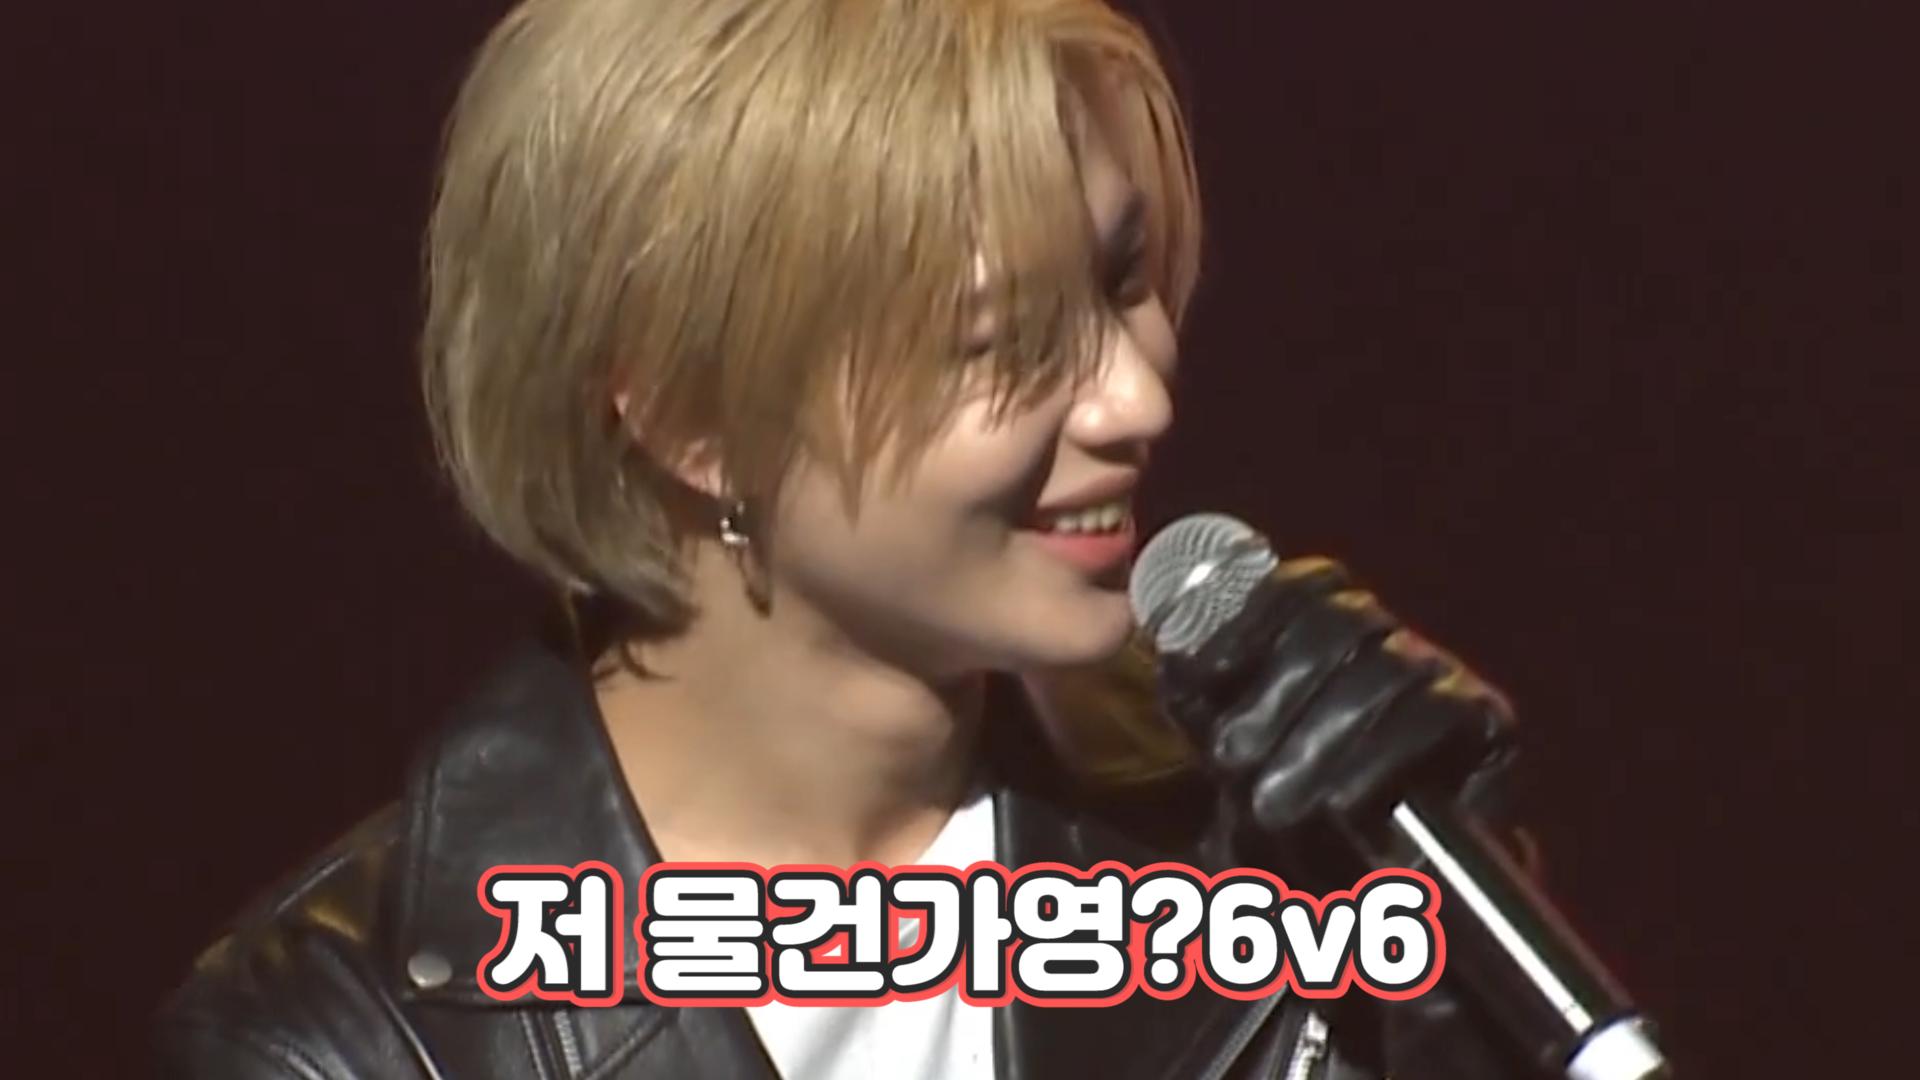 [SHINee] 원트 애드립과 댄스 과외 받을 샤월6v6(1/n) (Taemin talking about his new song <Want>)